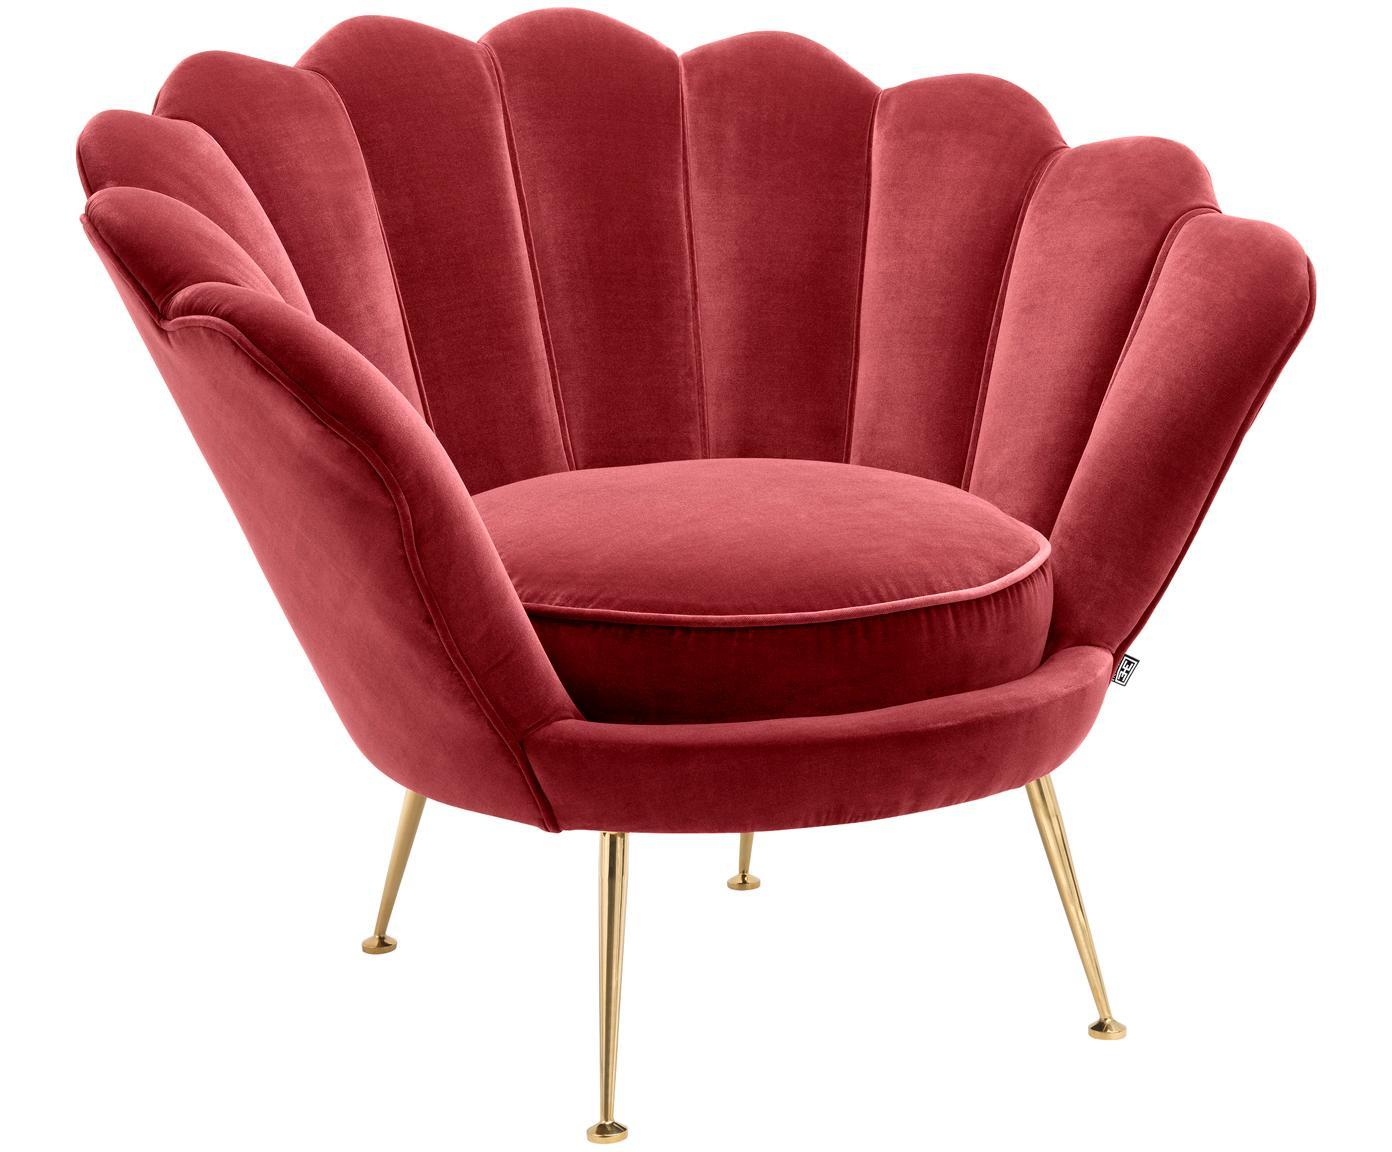 Poltrona in velluto rosso Trapezium, Rivestimento: 95% poliestere, 5% cotone, Piedini: acciaio inossidabile, riv, Sottostruttura: legno di pino, Velluto rosso scuro, Larg. 97 x Prof. 79 cm